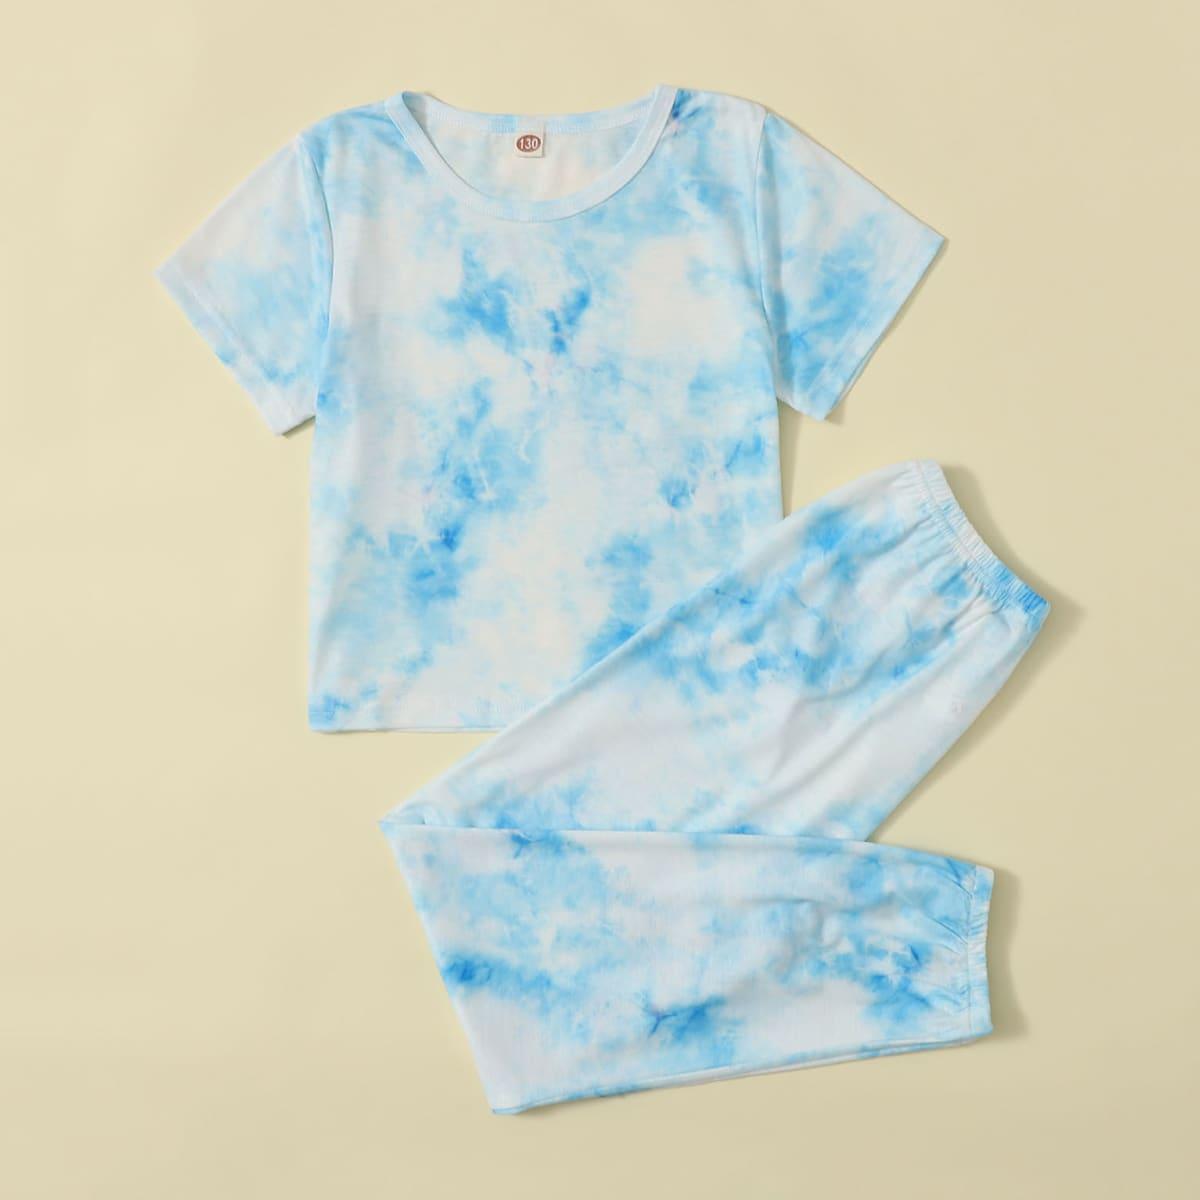 многоцветный Галстуковый краситель Повседневный Домашняя одежда для девочек от SHEIN